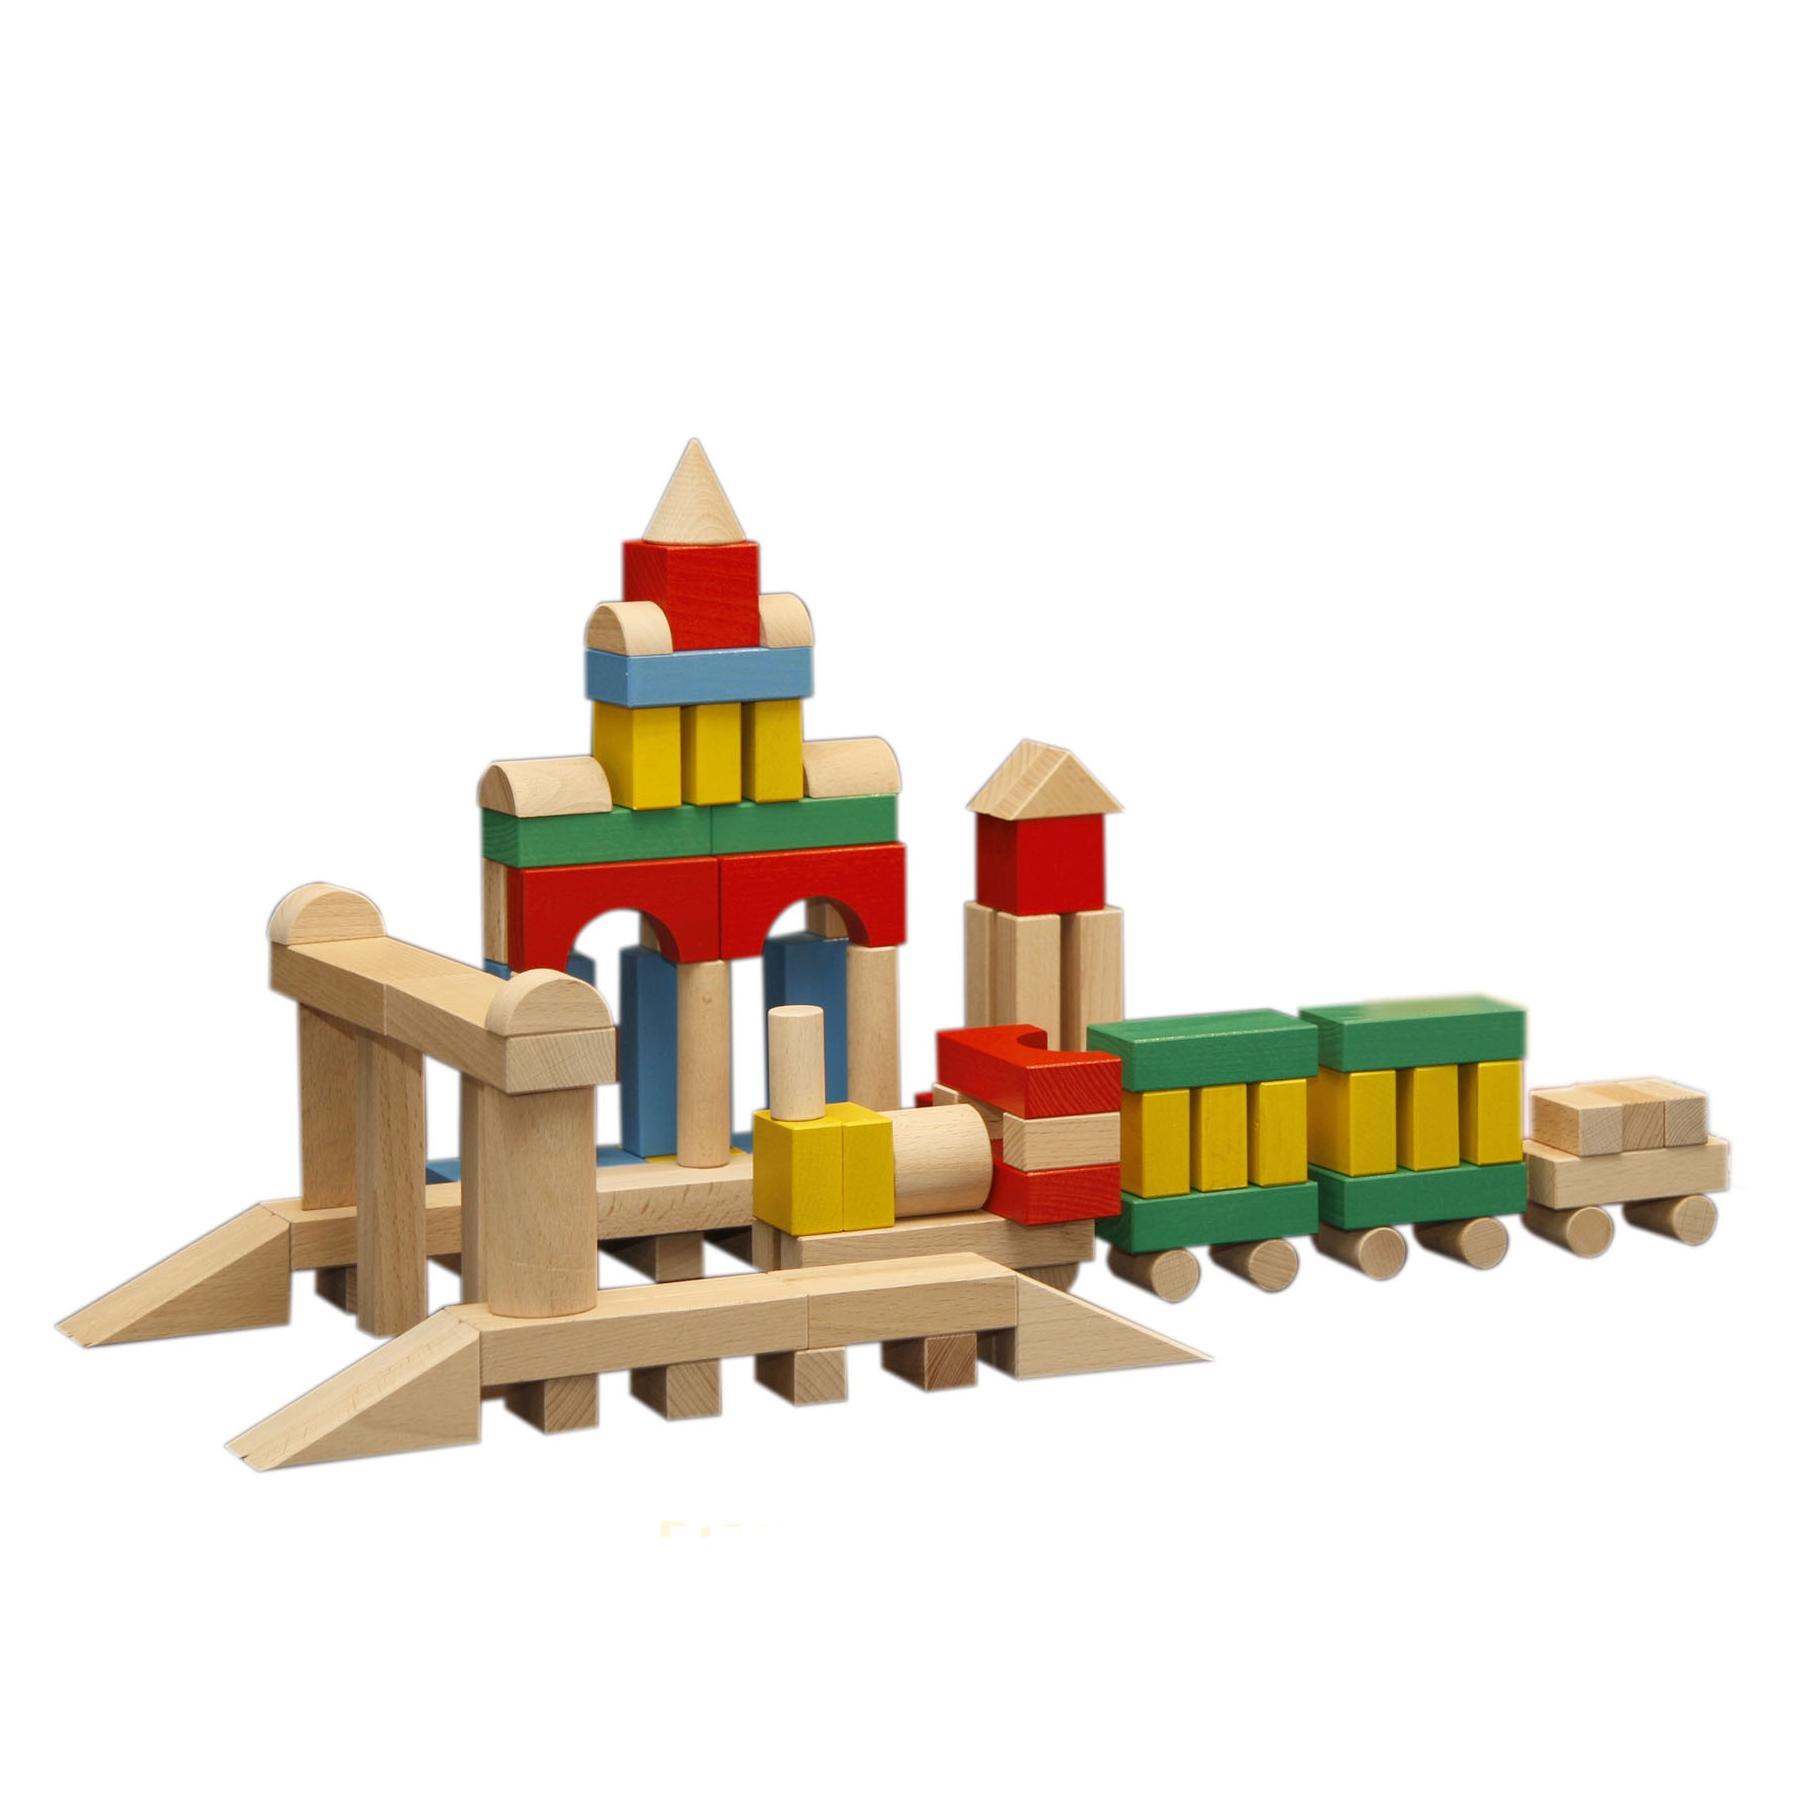 Купить Конструктор деревянный цветной, 150 деталей, Престиж